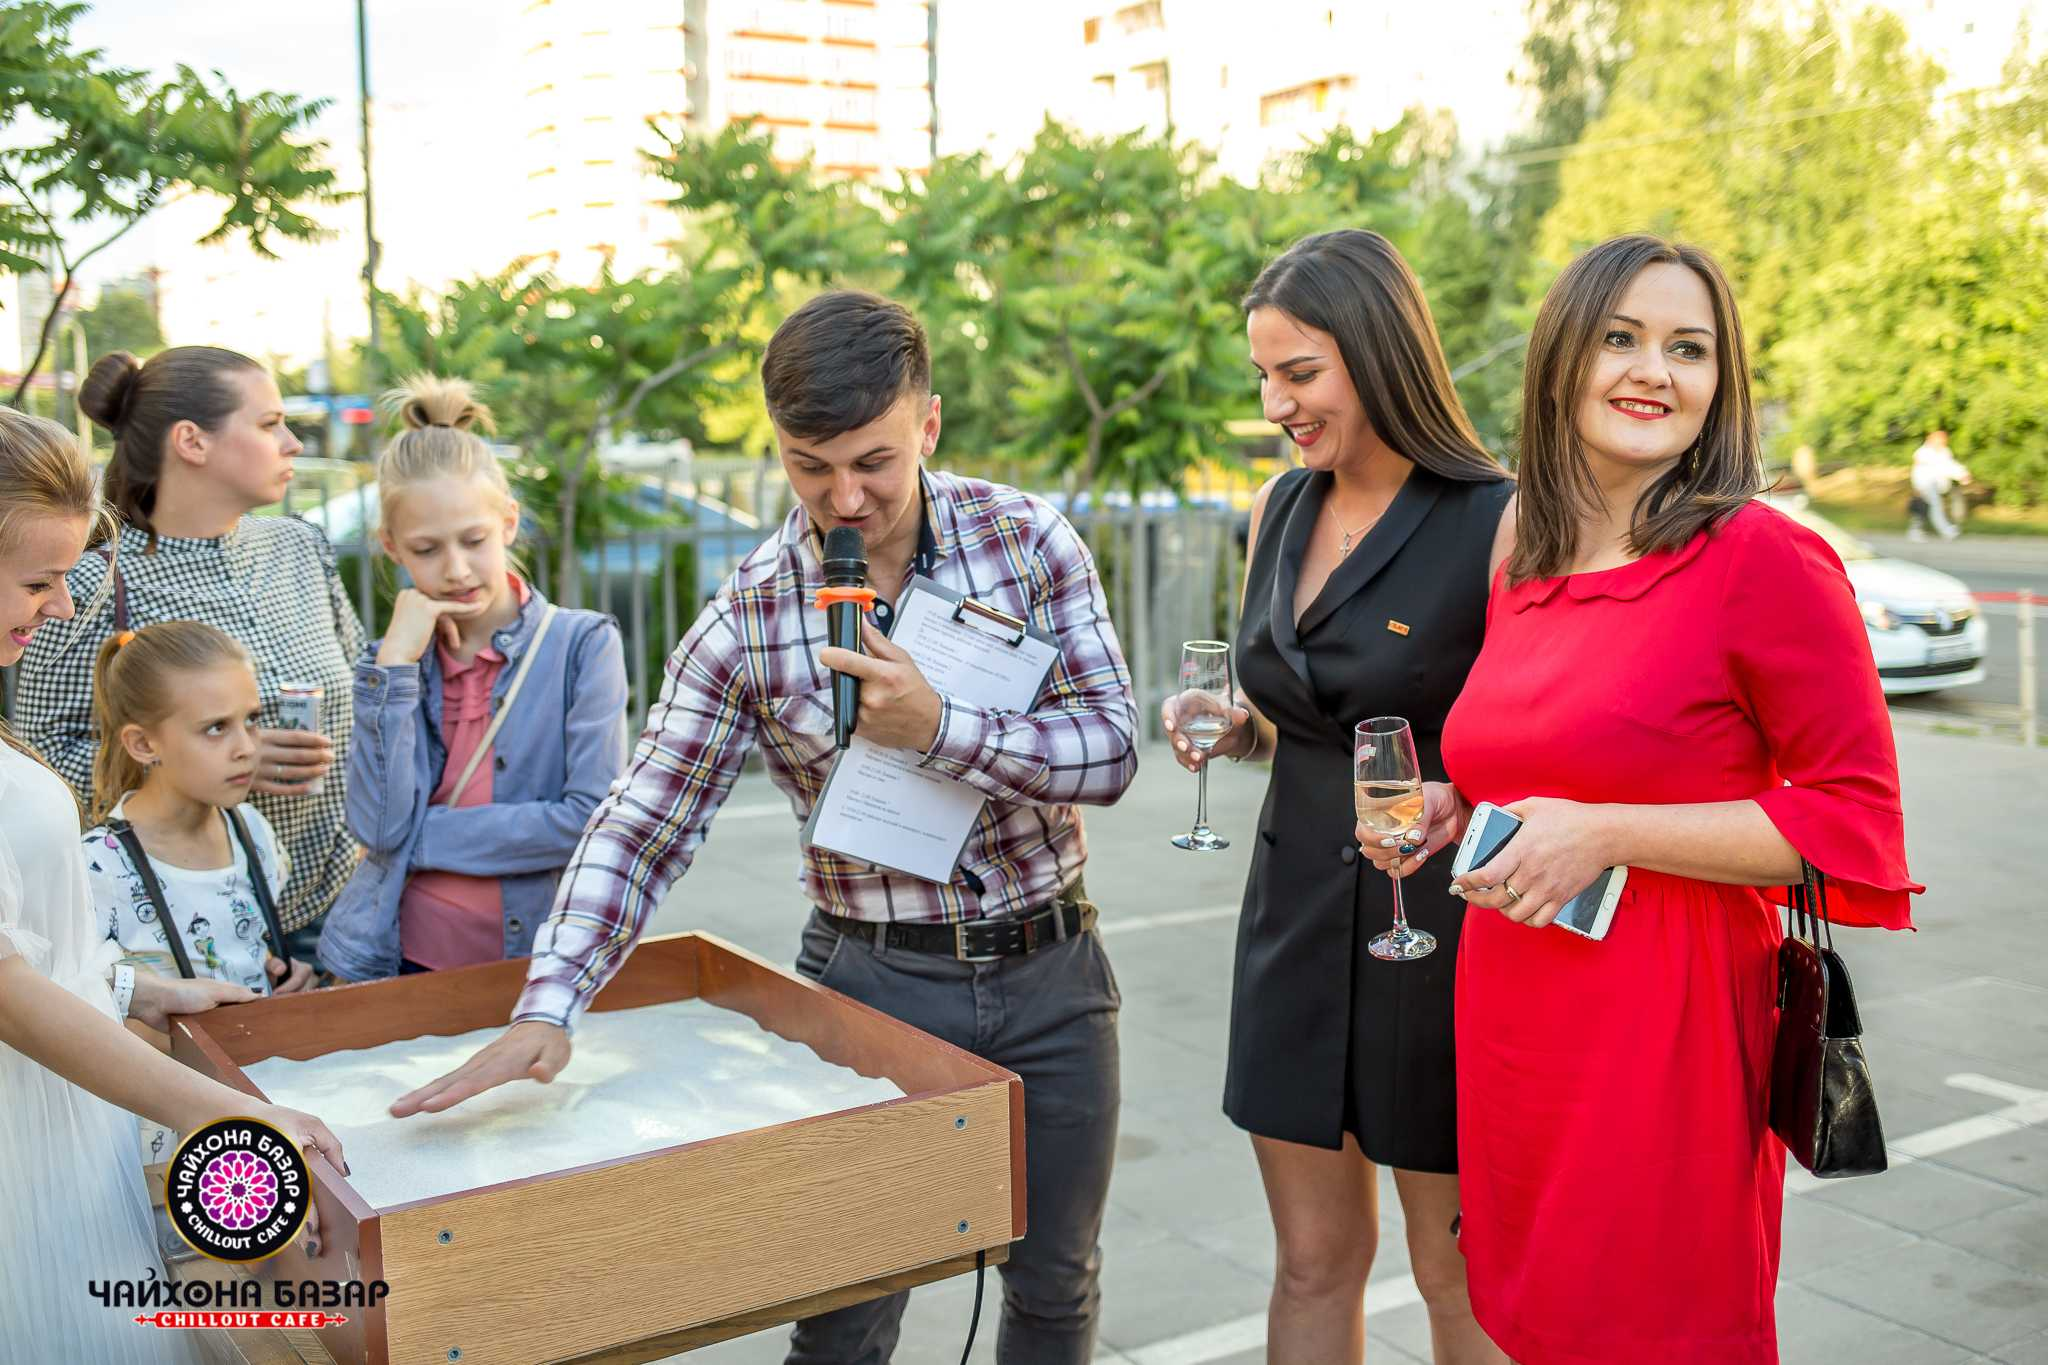 Грандиозное открытие нового ресторана «Чайхона Базар» 1